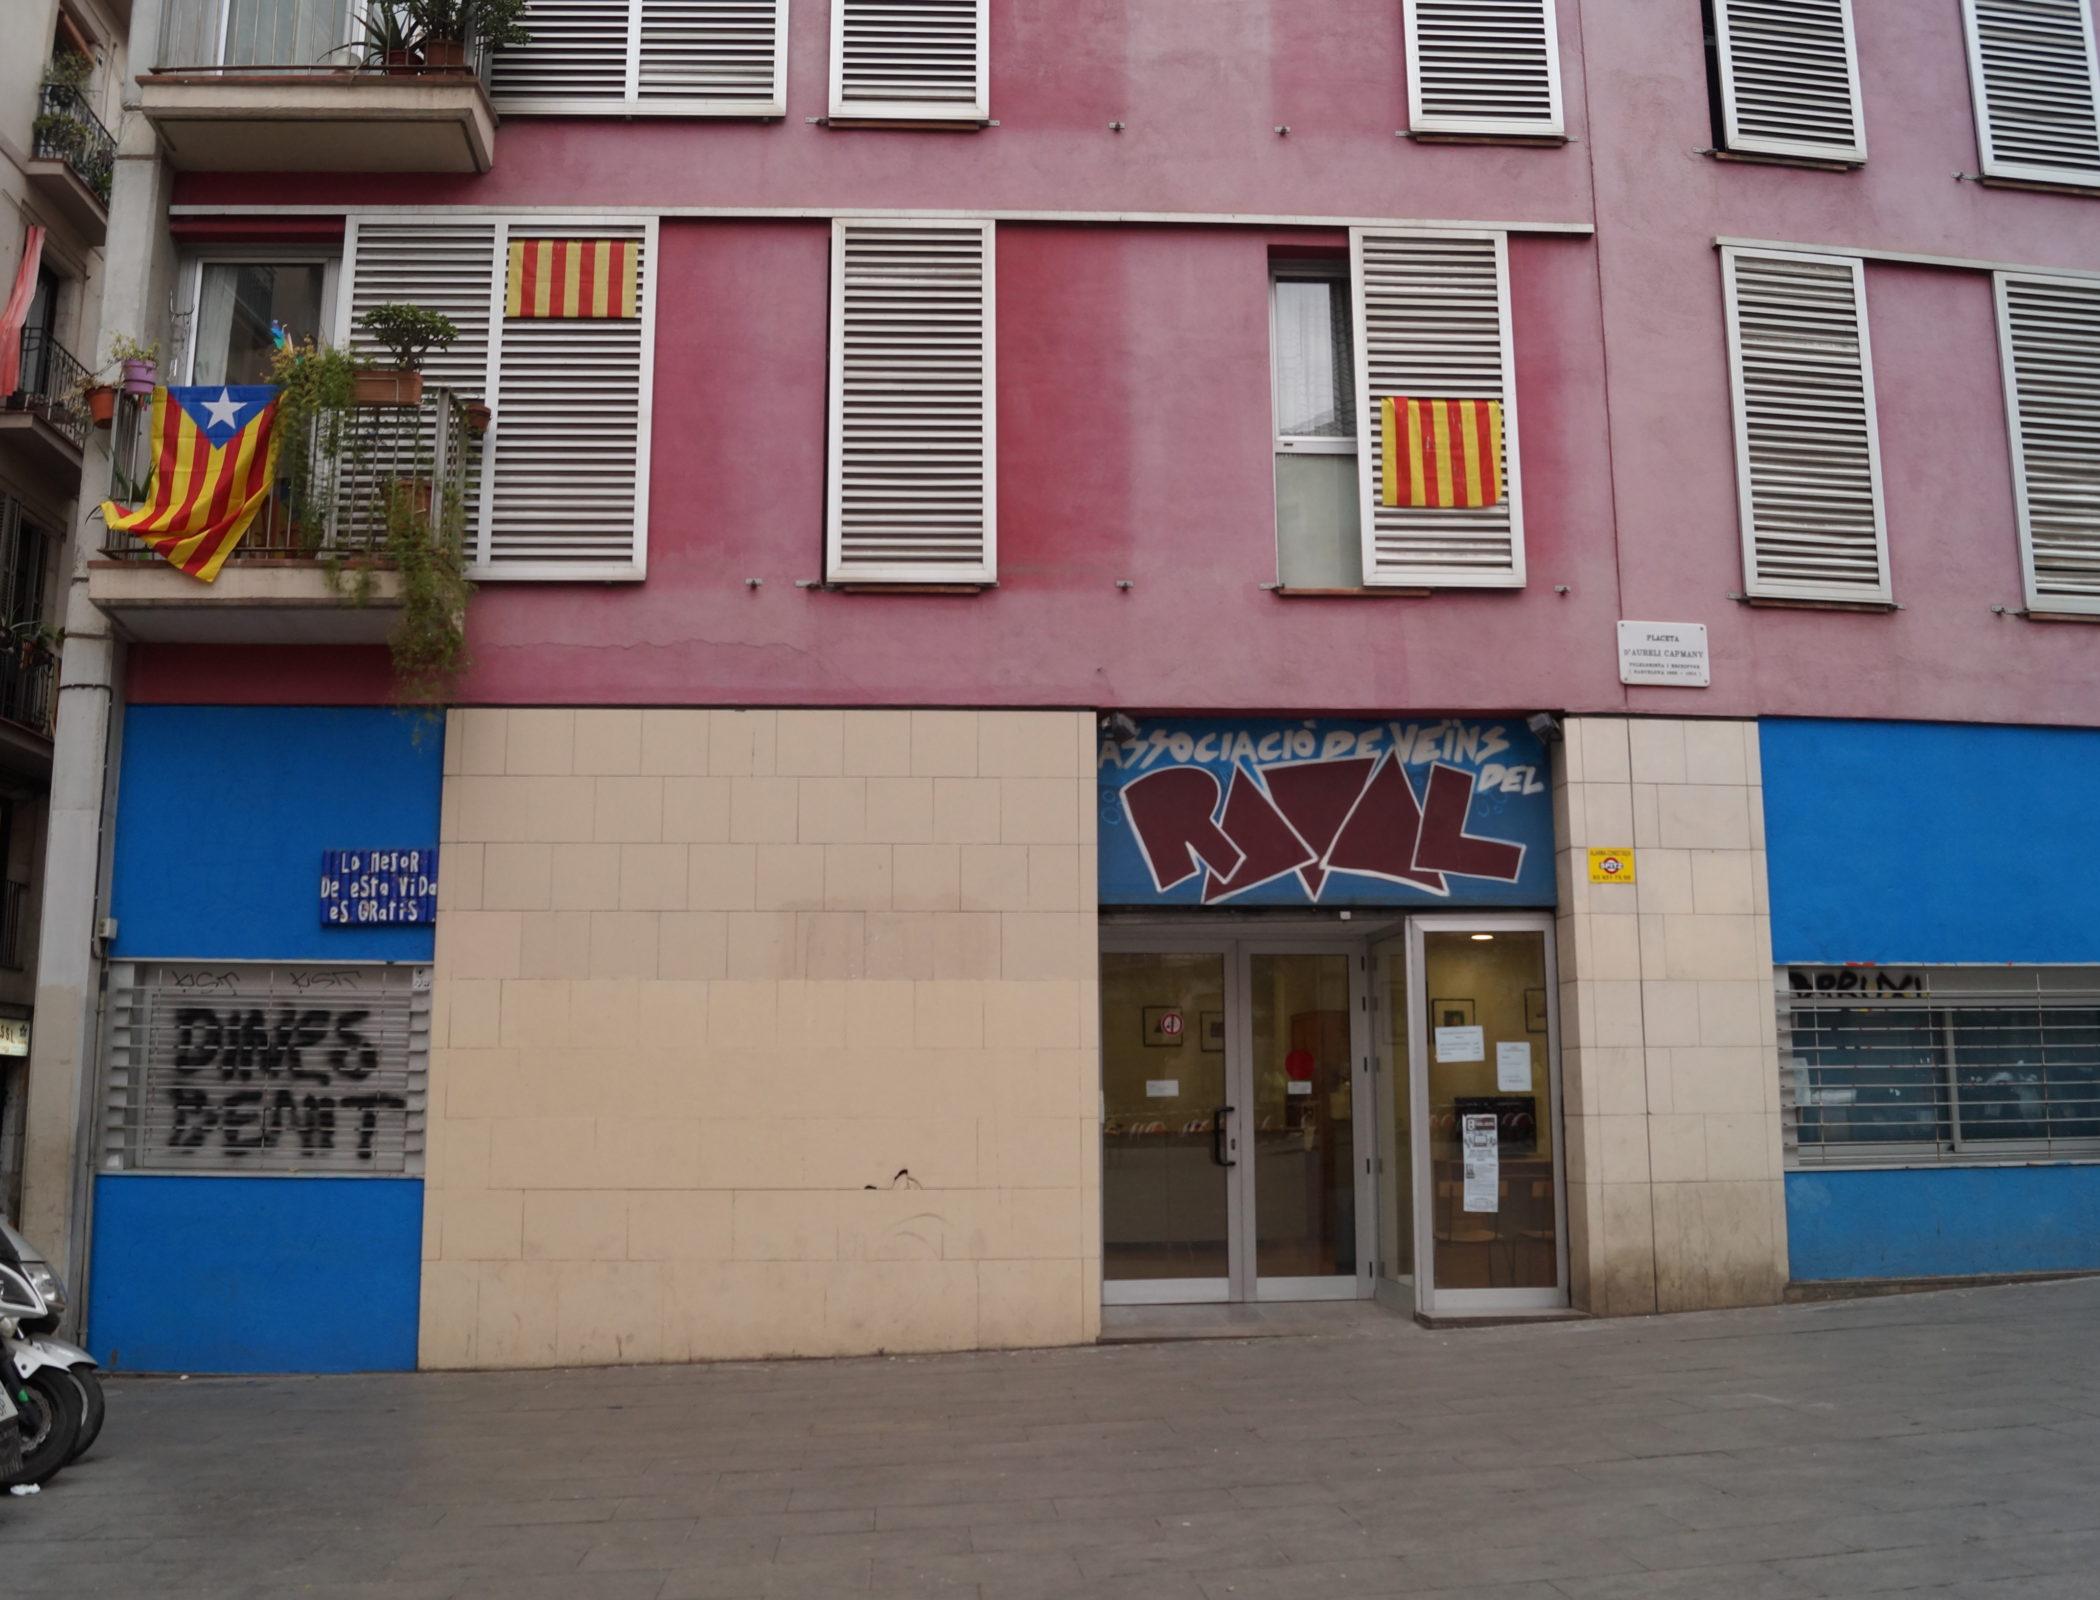 Barcelone, le 26 février. Dans le quartier El Raval, les drapeaux catalans s'affichent aux fenêtres. © Mohamed‐Amin Kehel